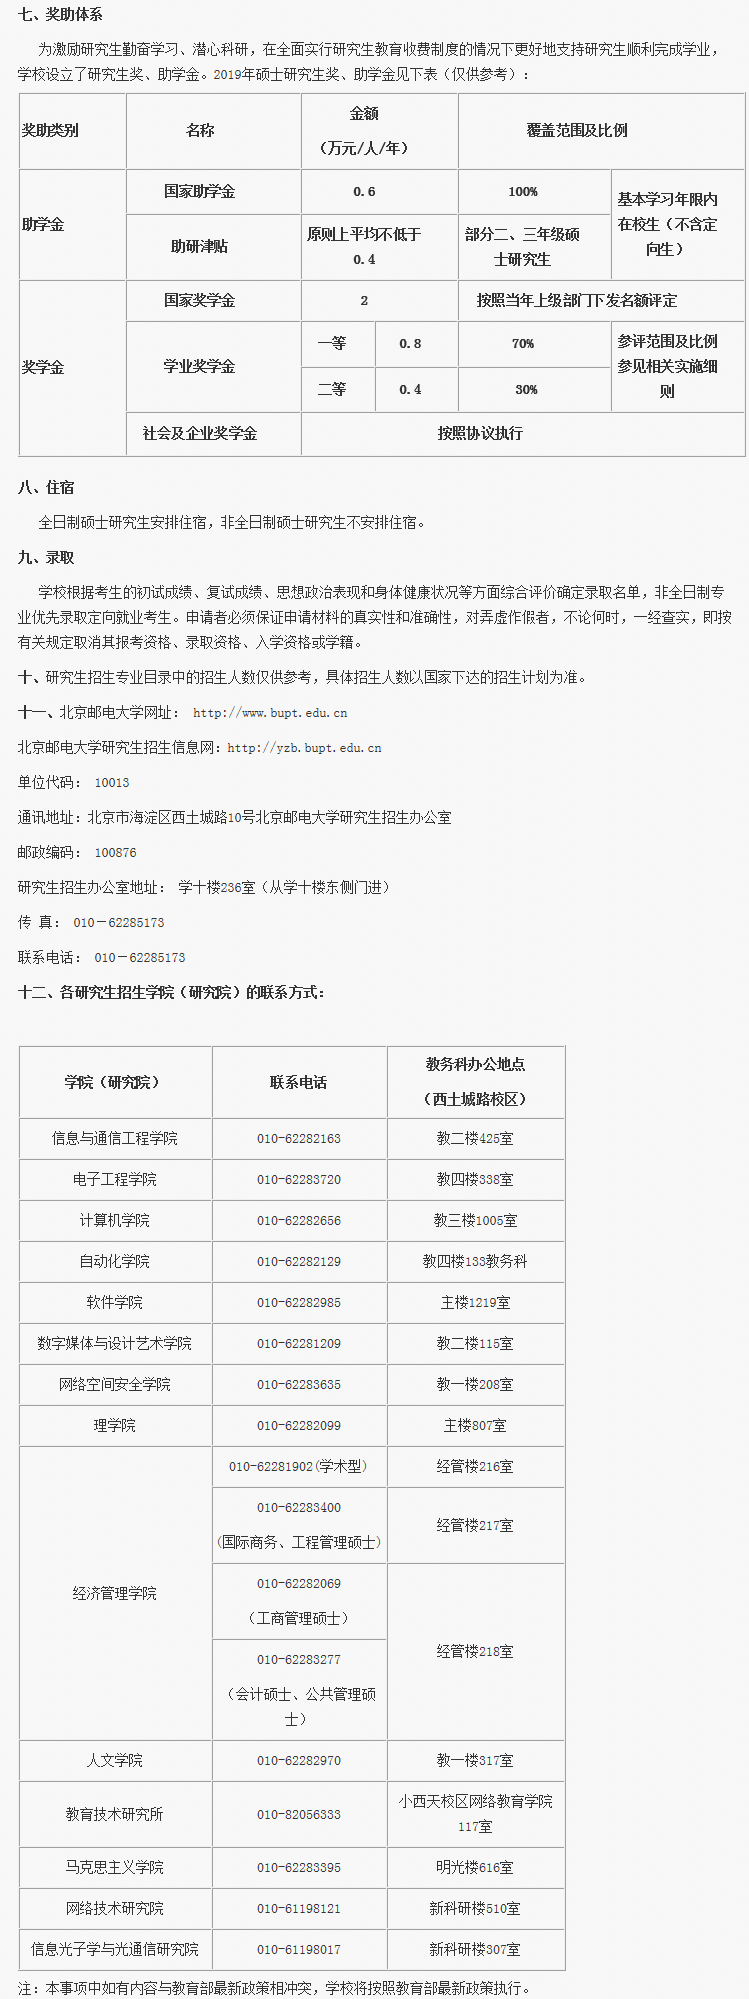 北京邮电大学2020考研招生简章